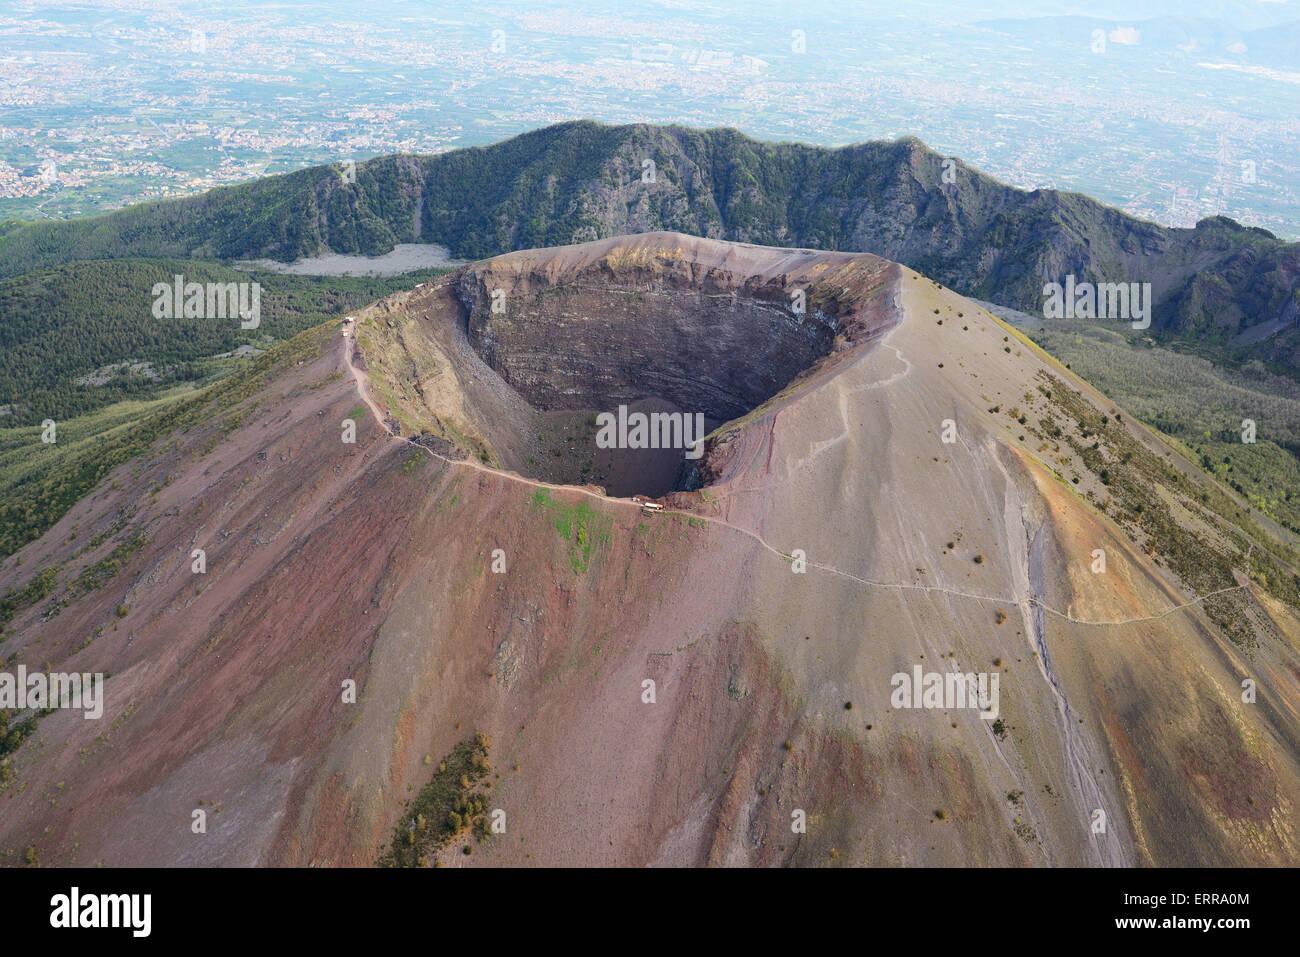 Cratere del Vesuvio (vista aerea). 1281-metro-alto vulcano tra Napoli e Pompei, Campania, Italia. Immagini Stock